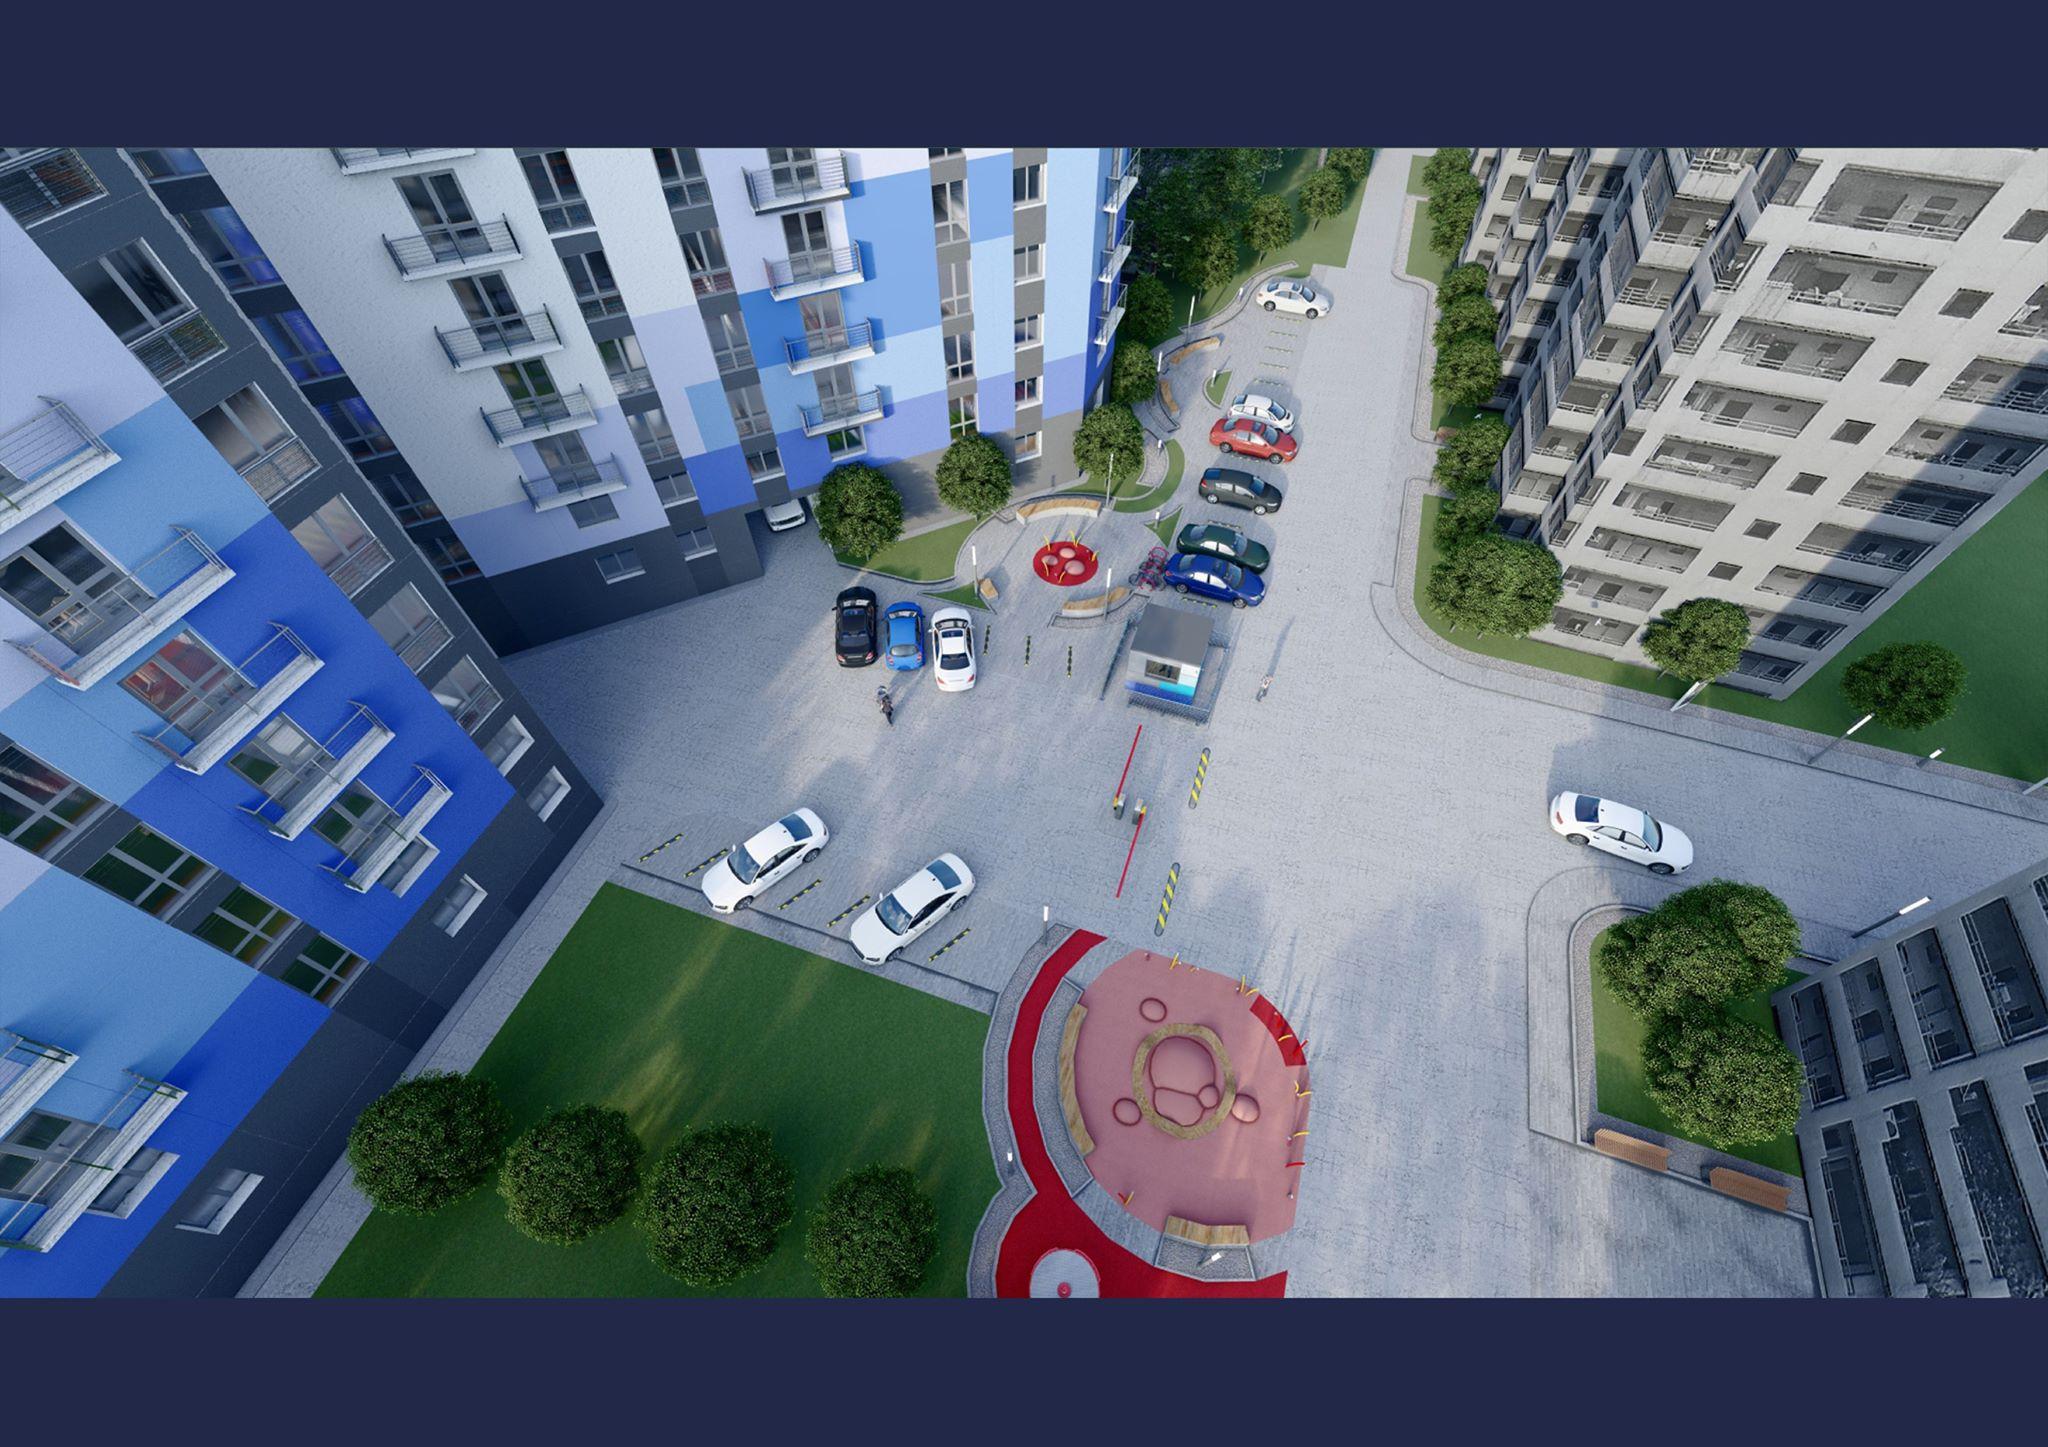 Івано-франківська будівельна компанія «МЖК Експрес-24» визнана однією з найкращих в Україні 32